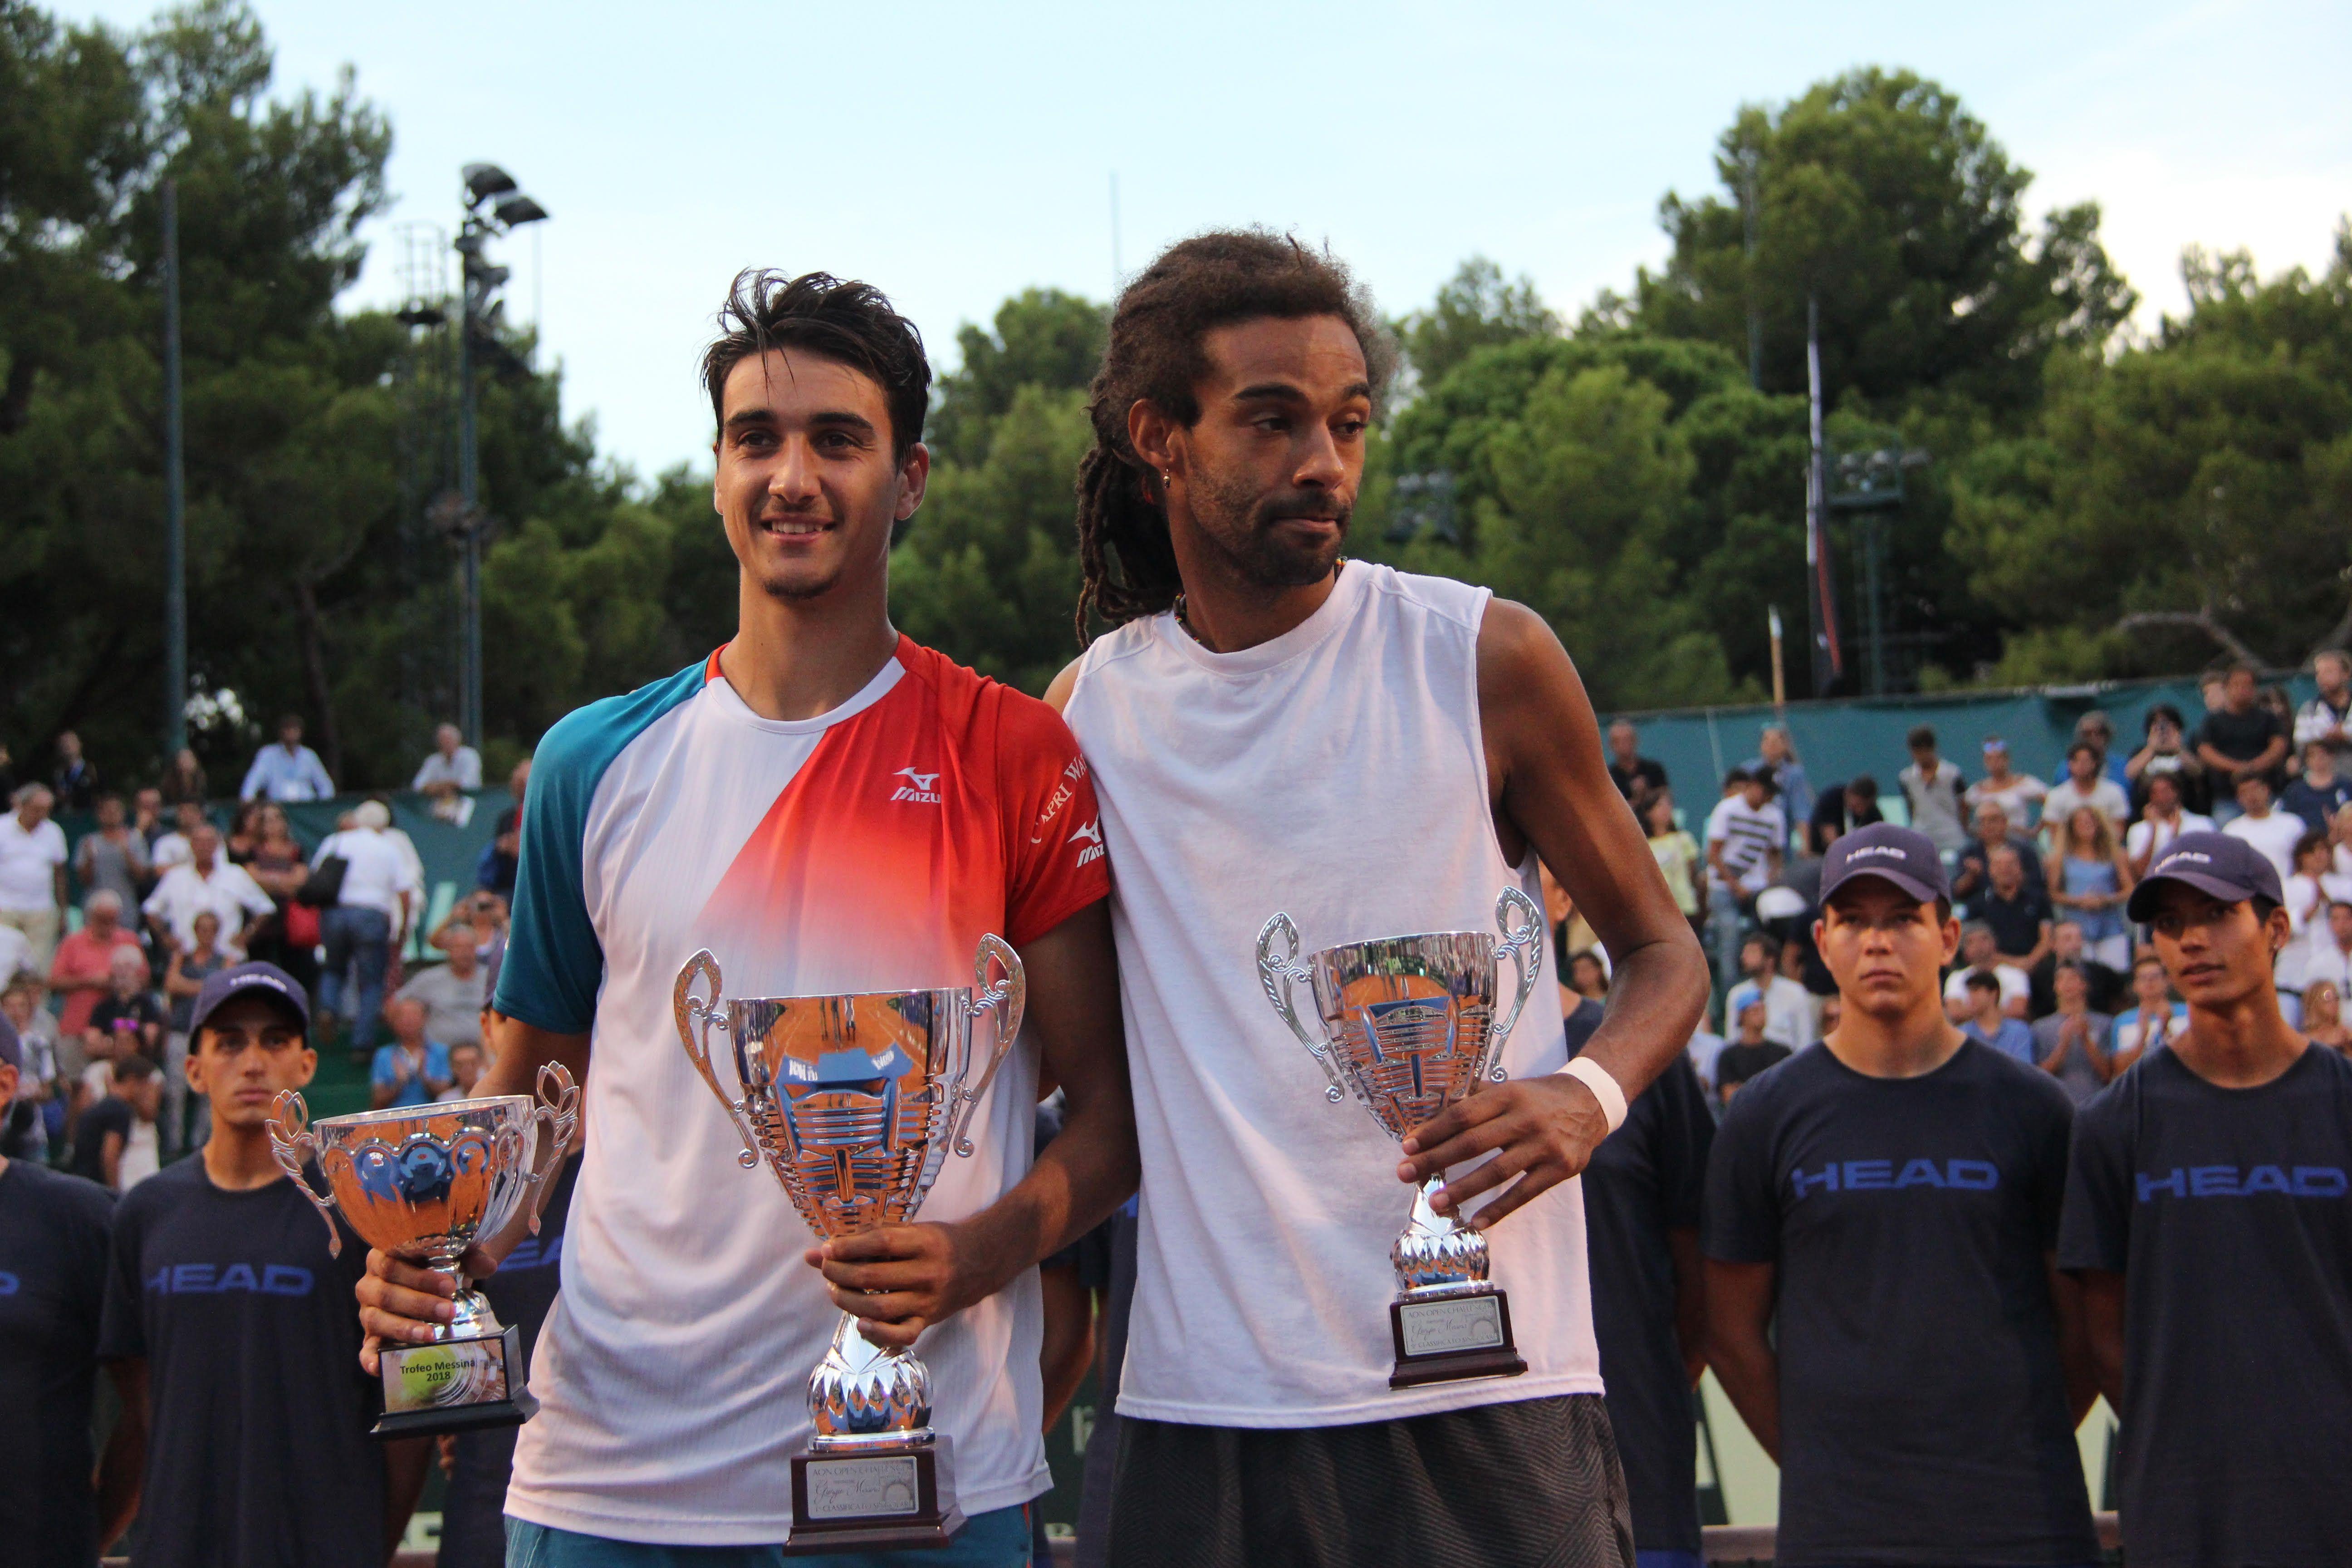 la foto di Lorenzo Sonego a sinistra vincitore della passata edizione e del finalista Dustin Brown